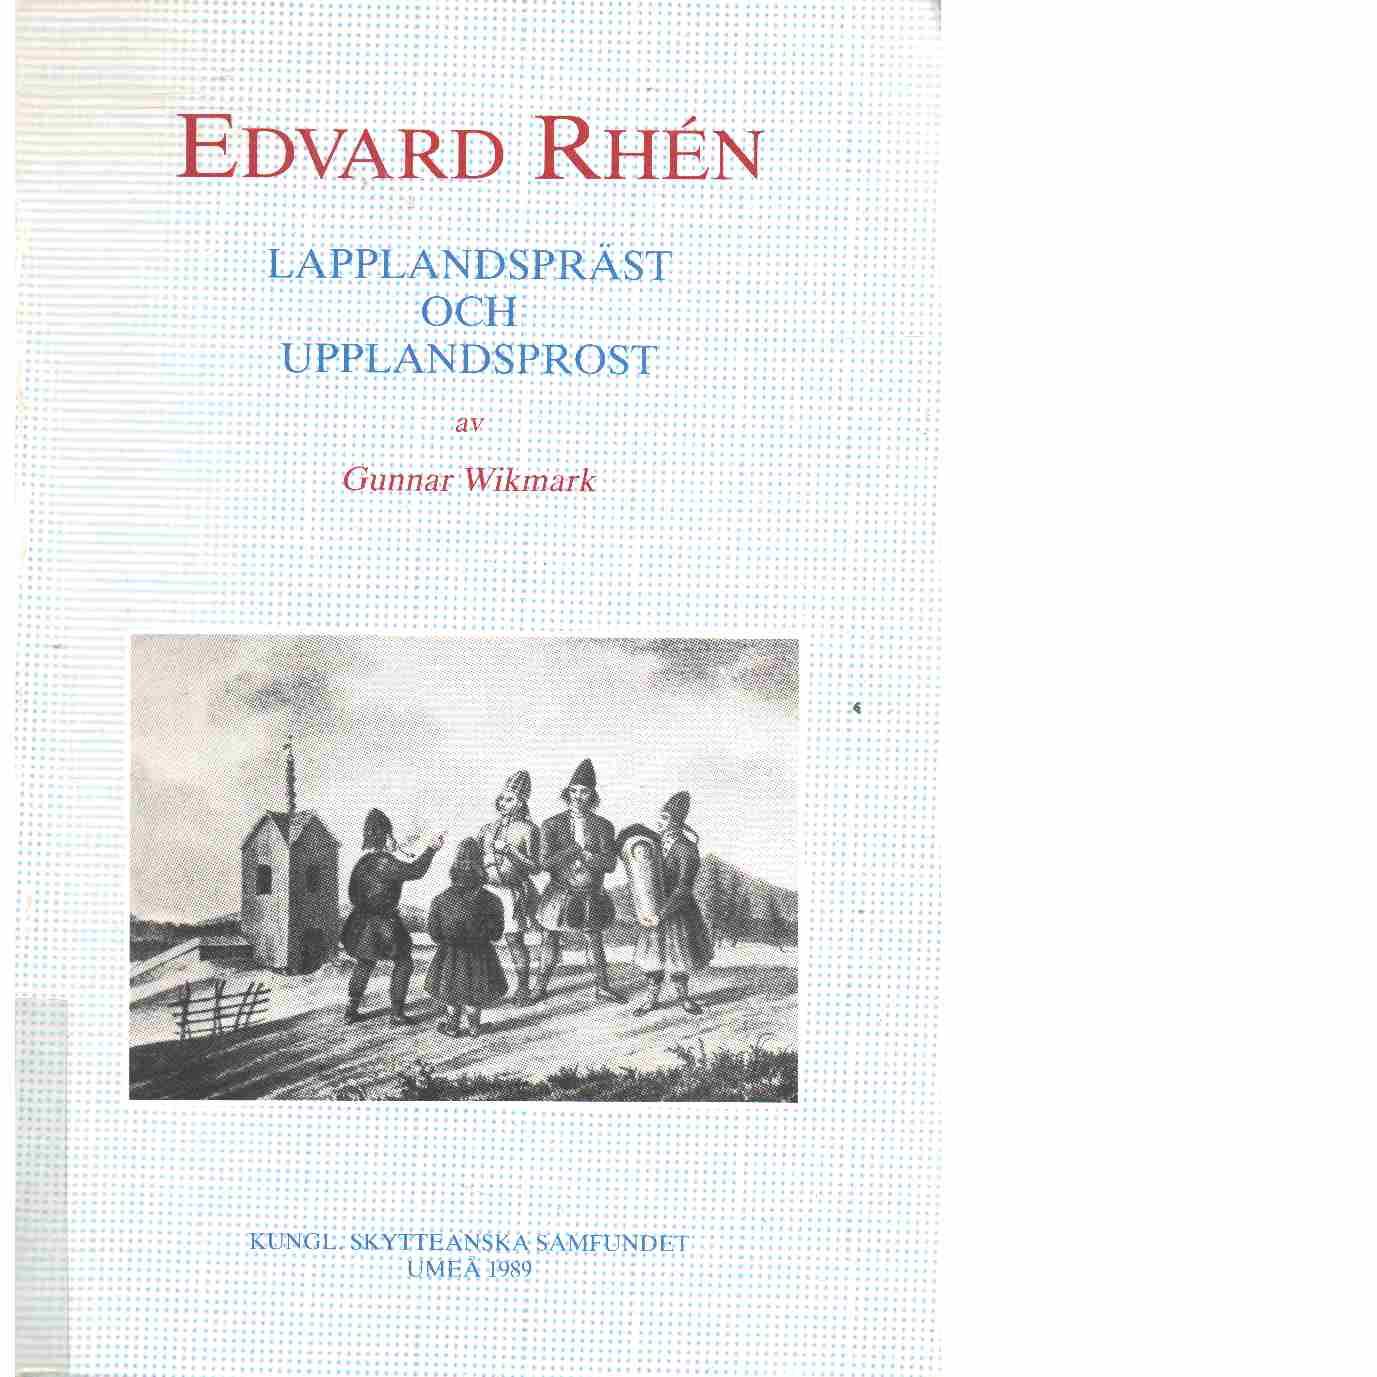 Edvard Rhén: Lapplandspräst och Upplandsprost  - Wikmark, Gunnar